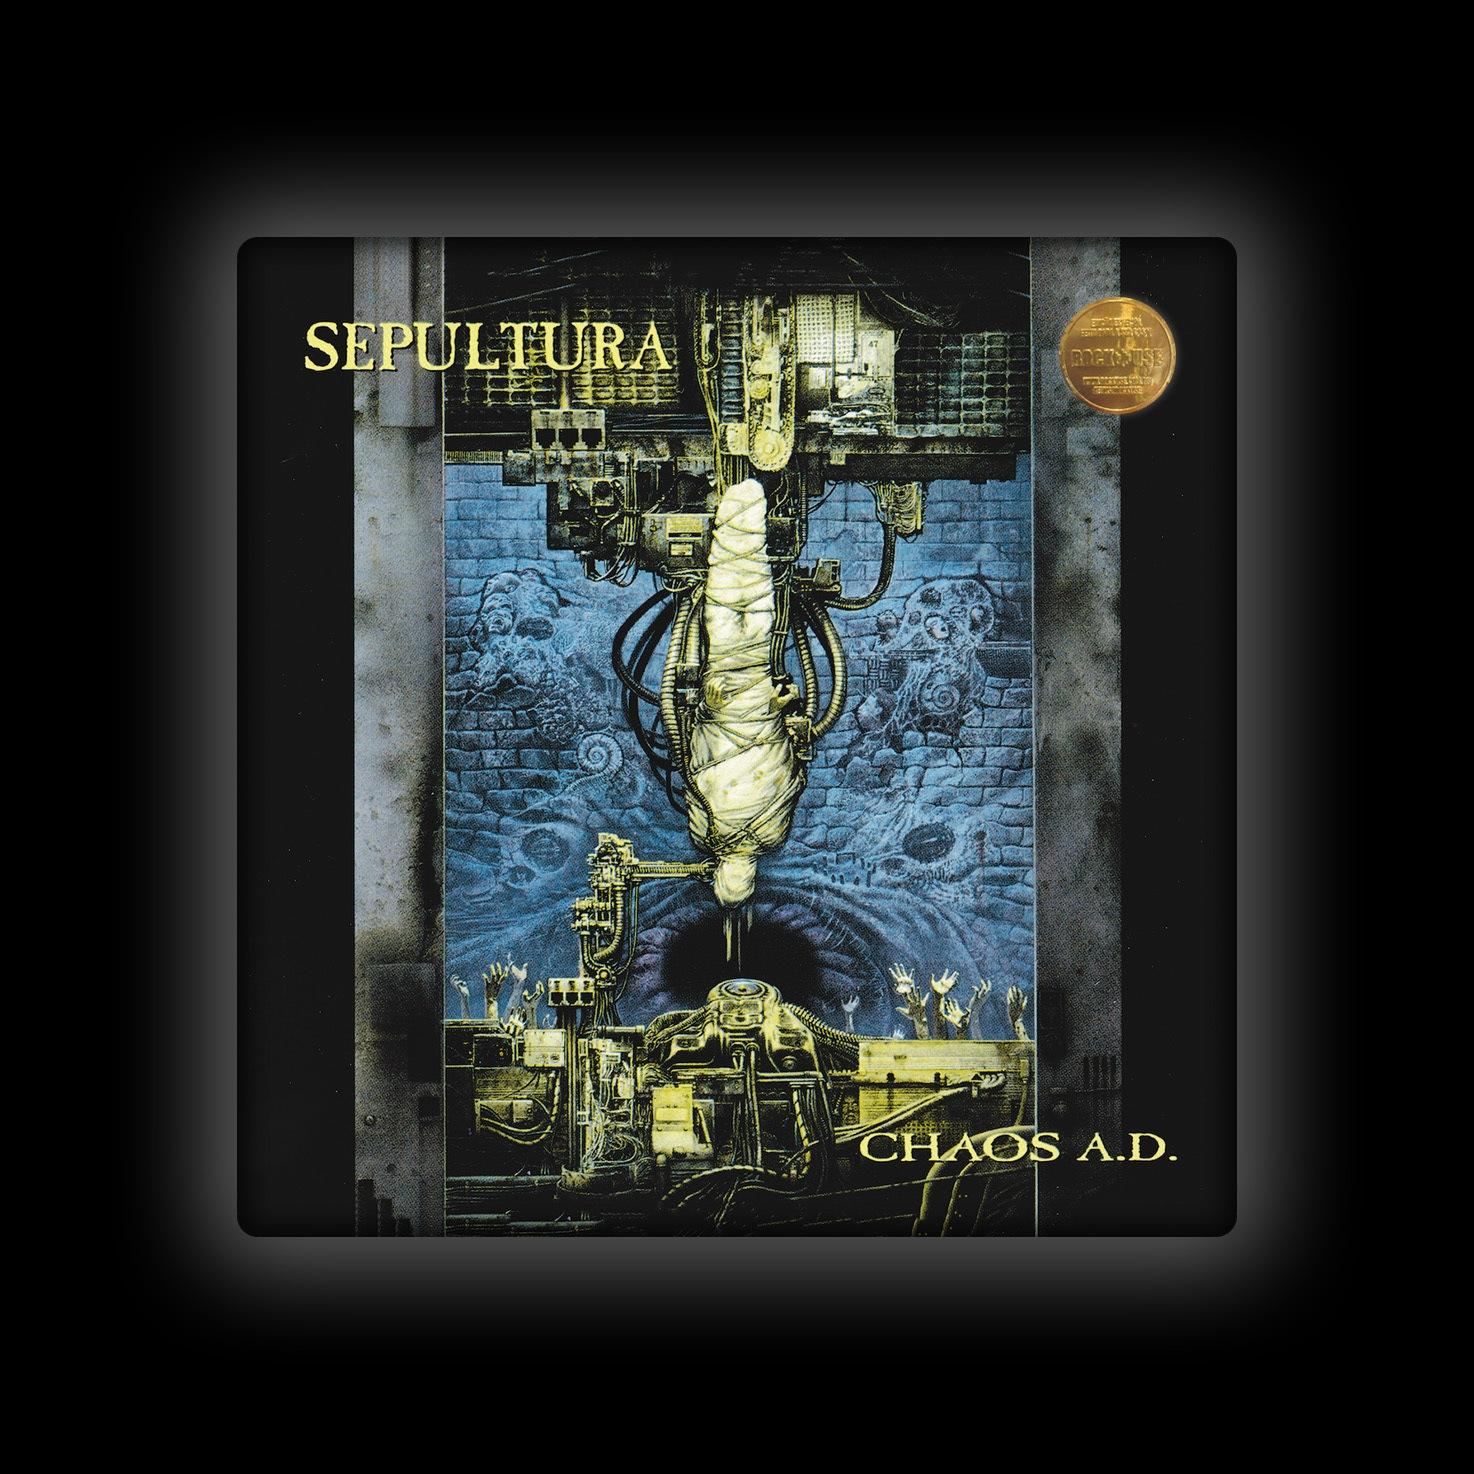 Capa de Almofada Sepultura - Chaos A.D.